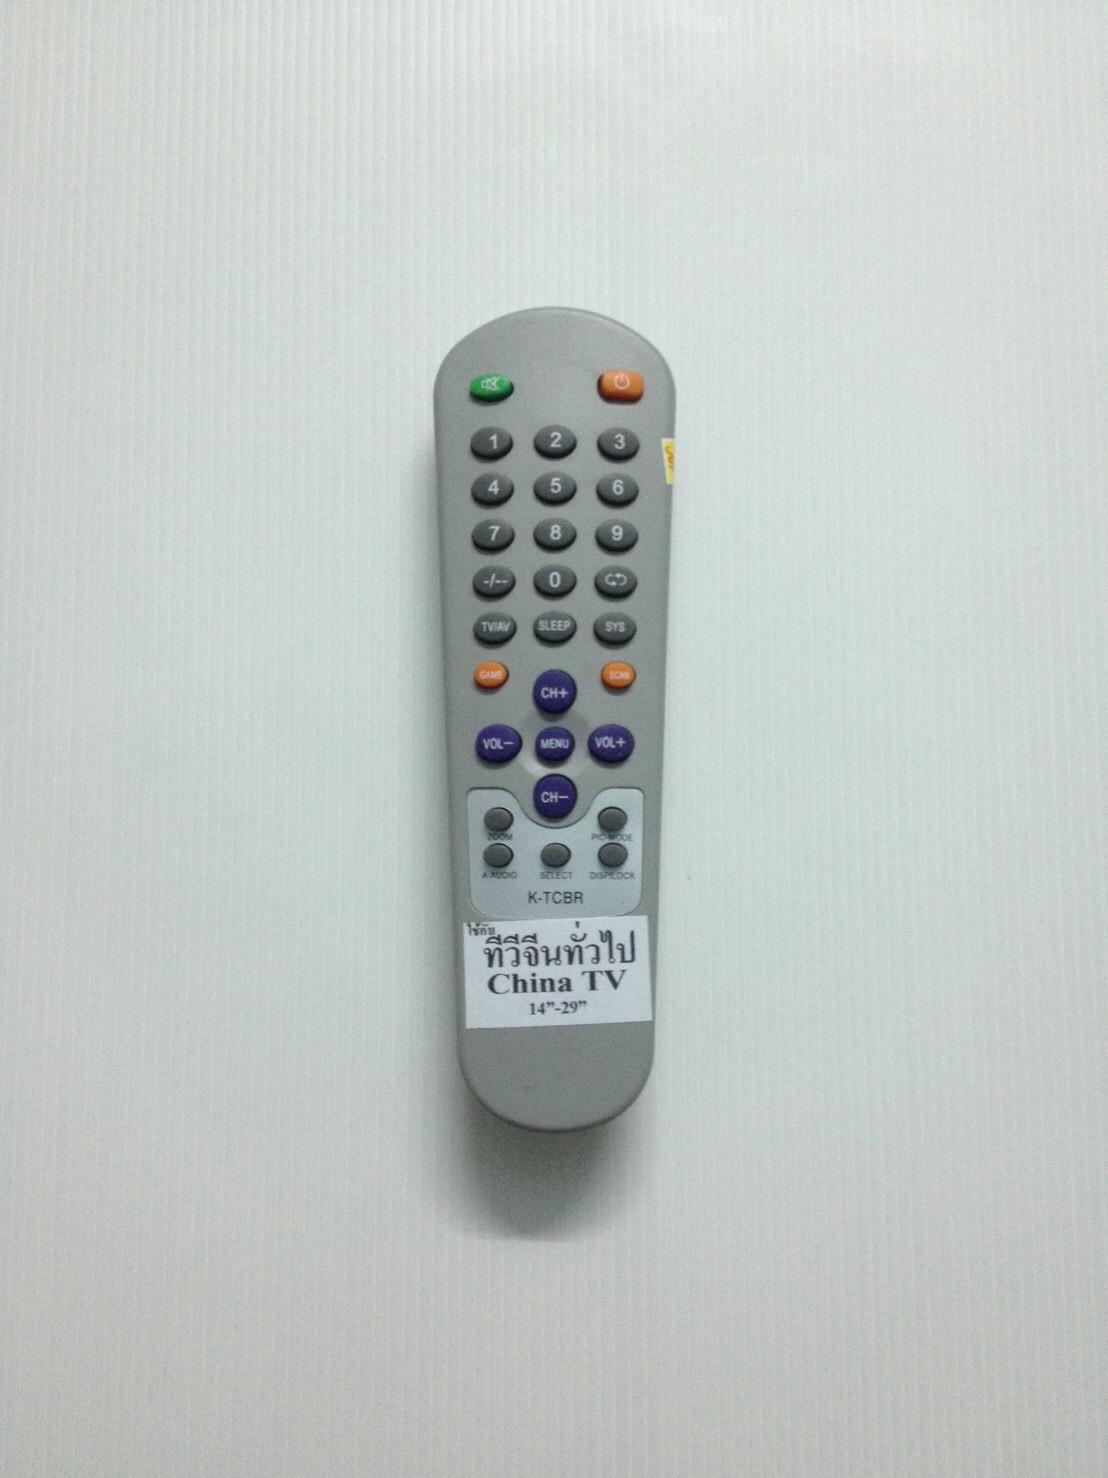 รีโมททีวีจีนทั่วไป K-TCBR ลงหลายยี่ห้อ